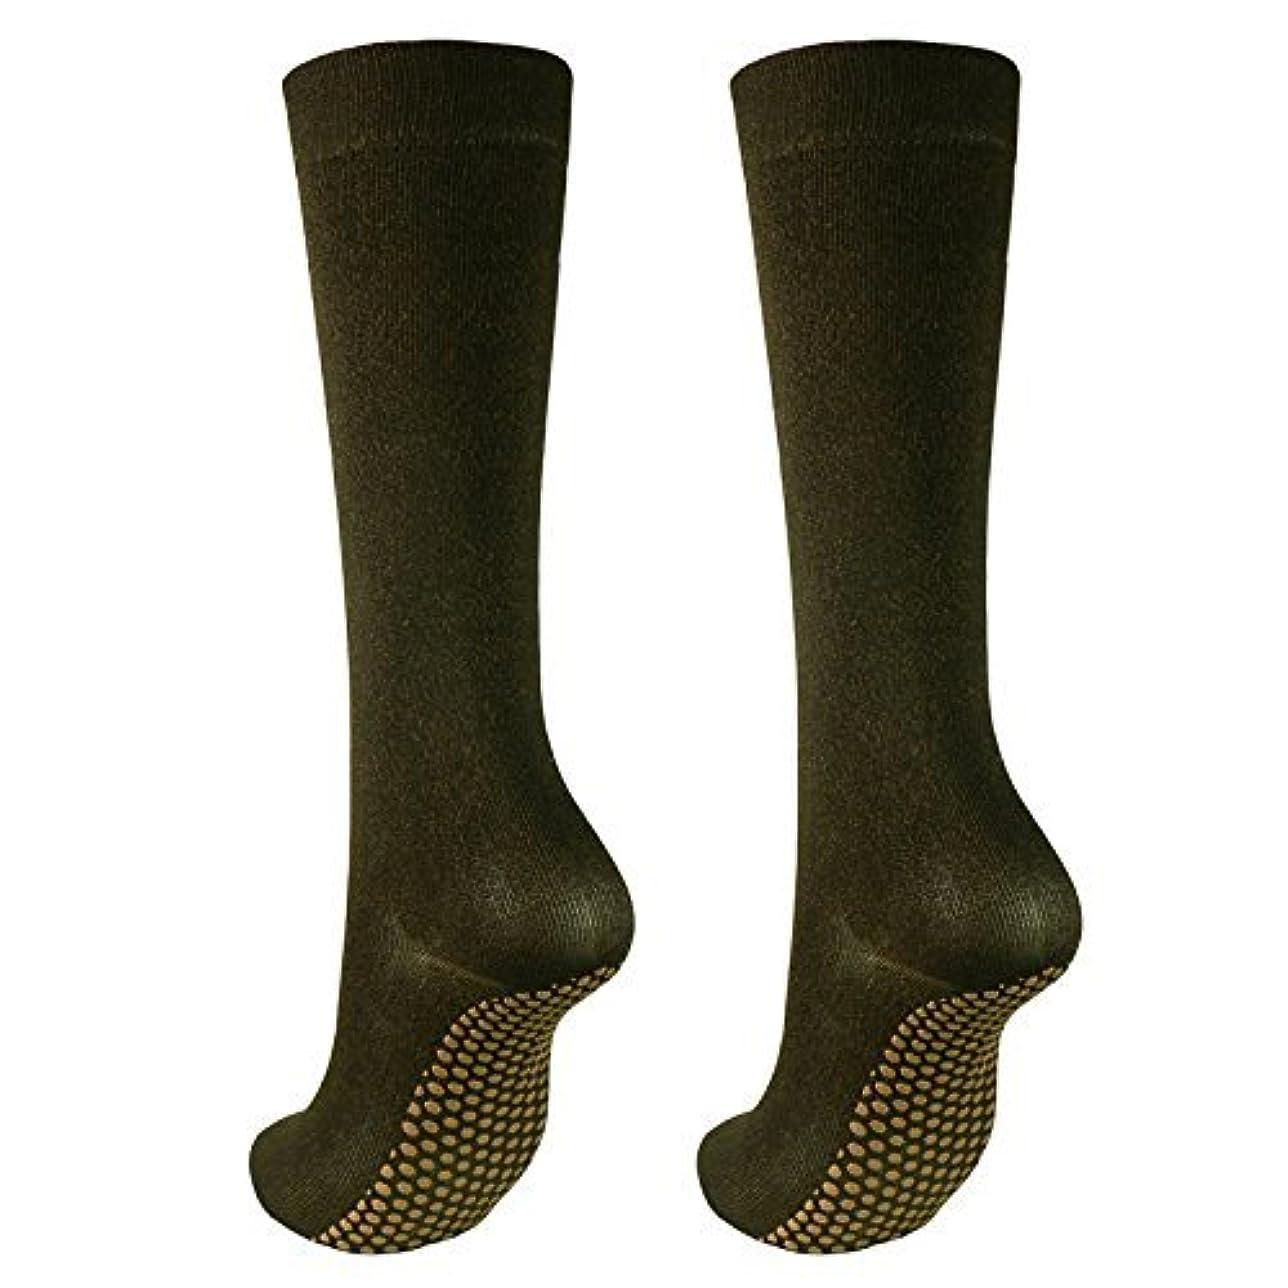 賞専門伝記銅繊維靴下「足もとはいつも青春」ハイソックスタイプ2足セット?静電気対策にも